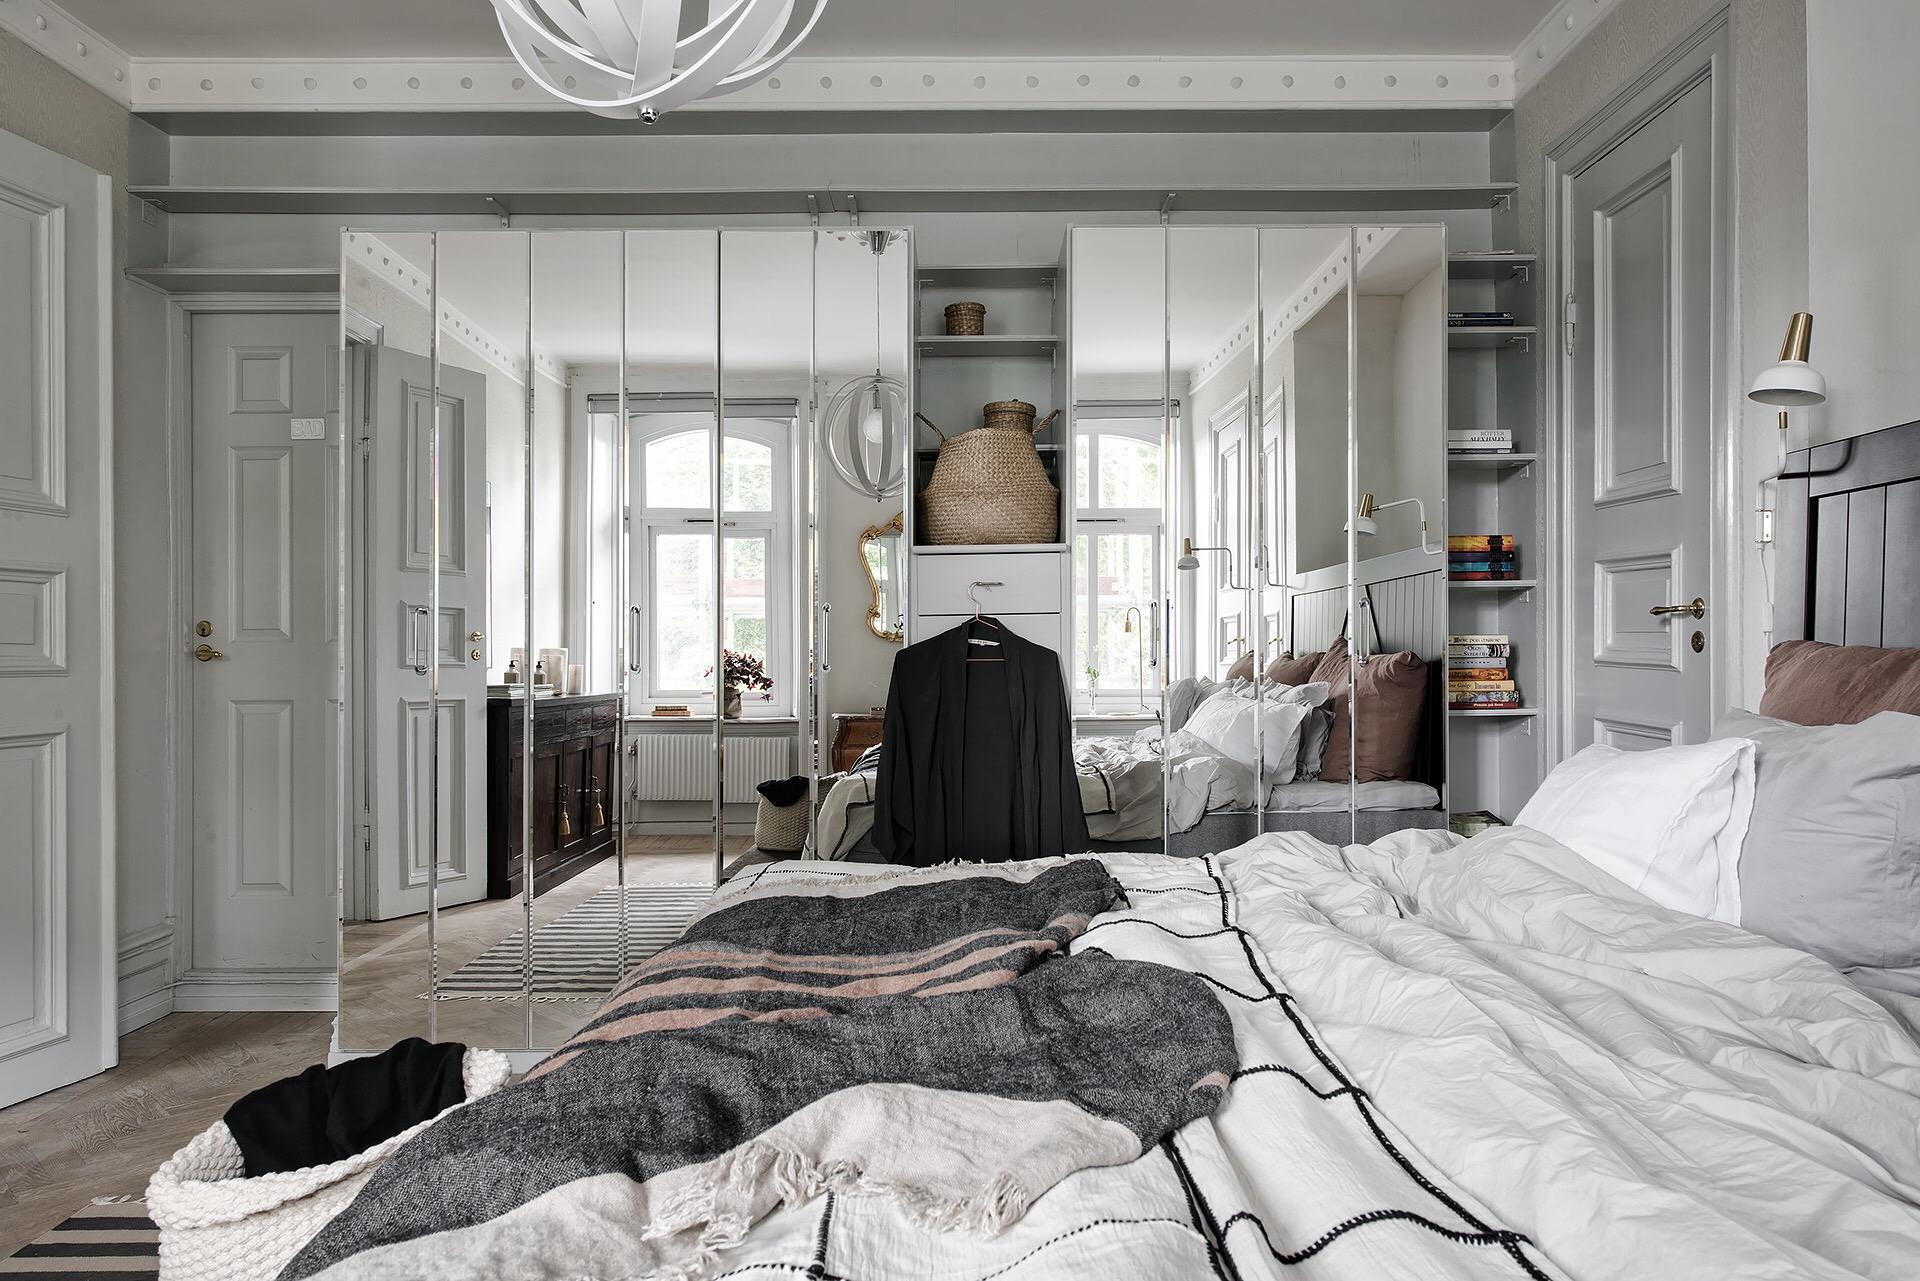 спальня ниша полки зеркальный шкаф кровать